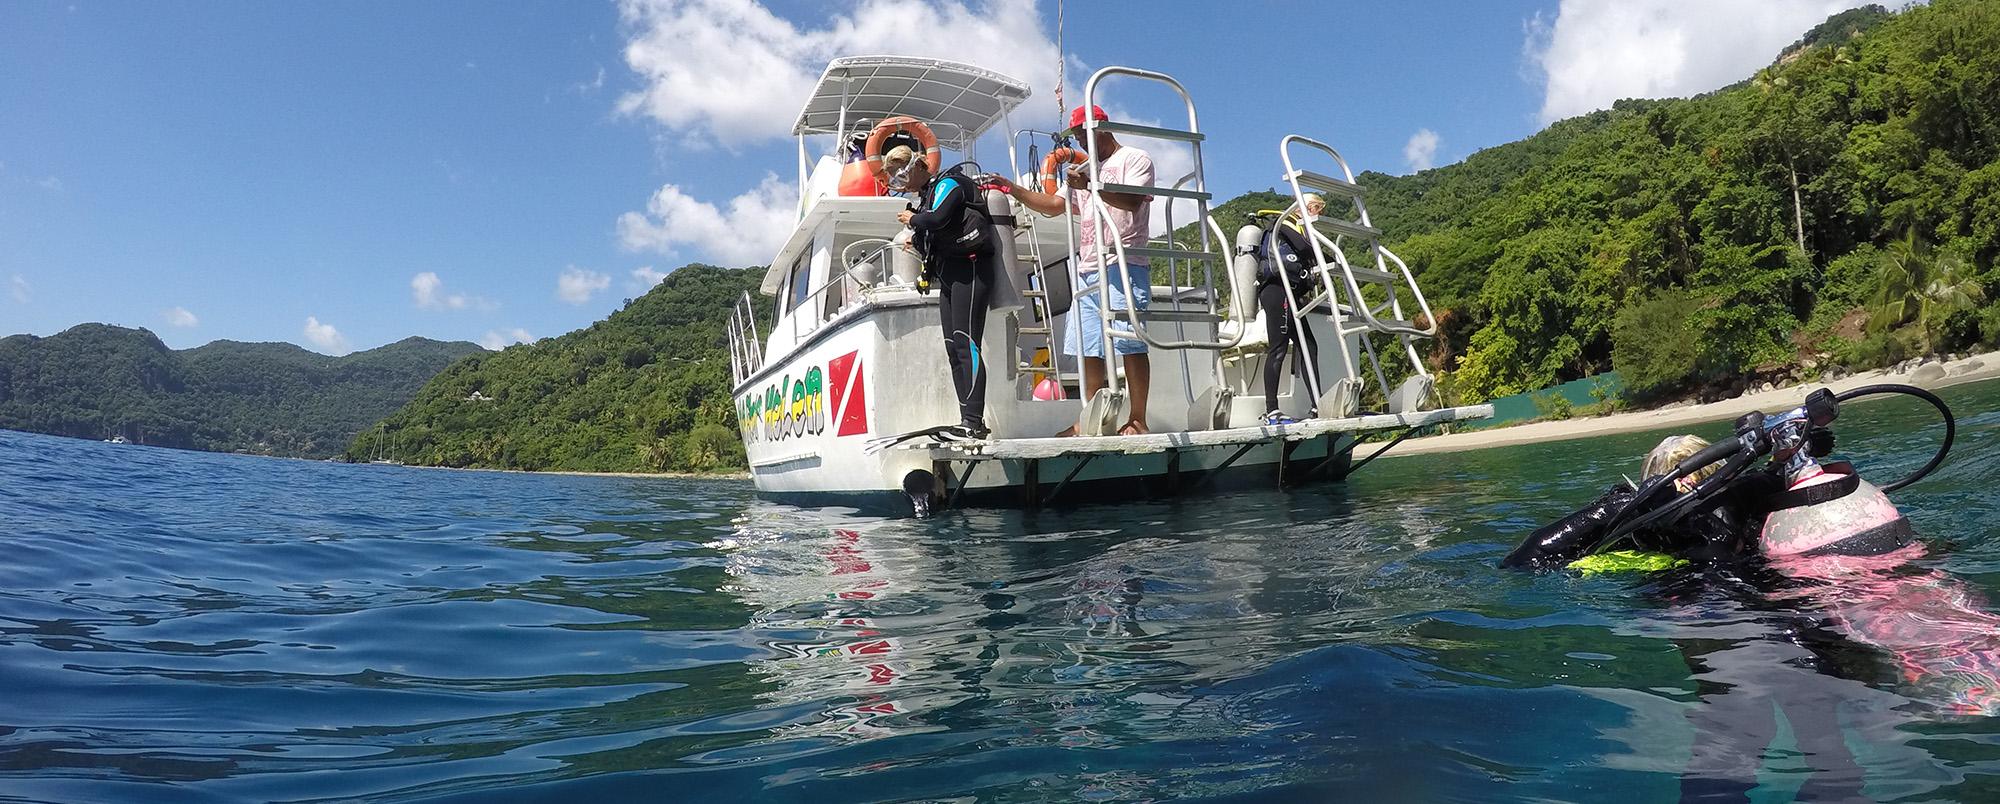 Diving at the Marigot Bay